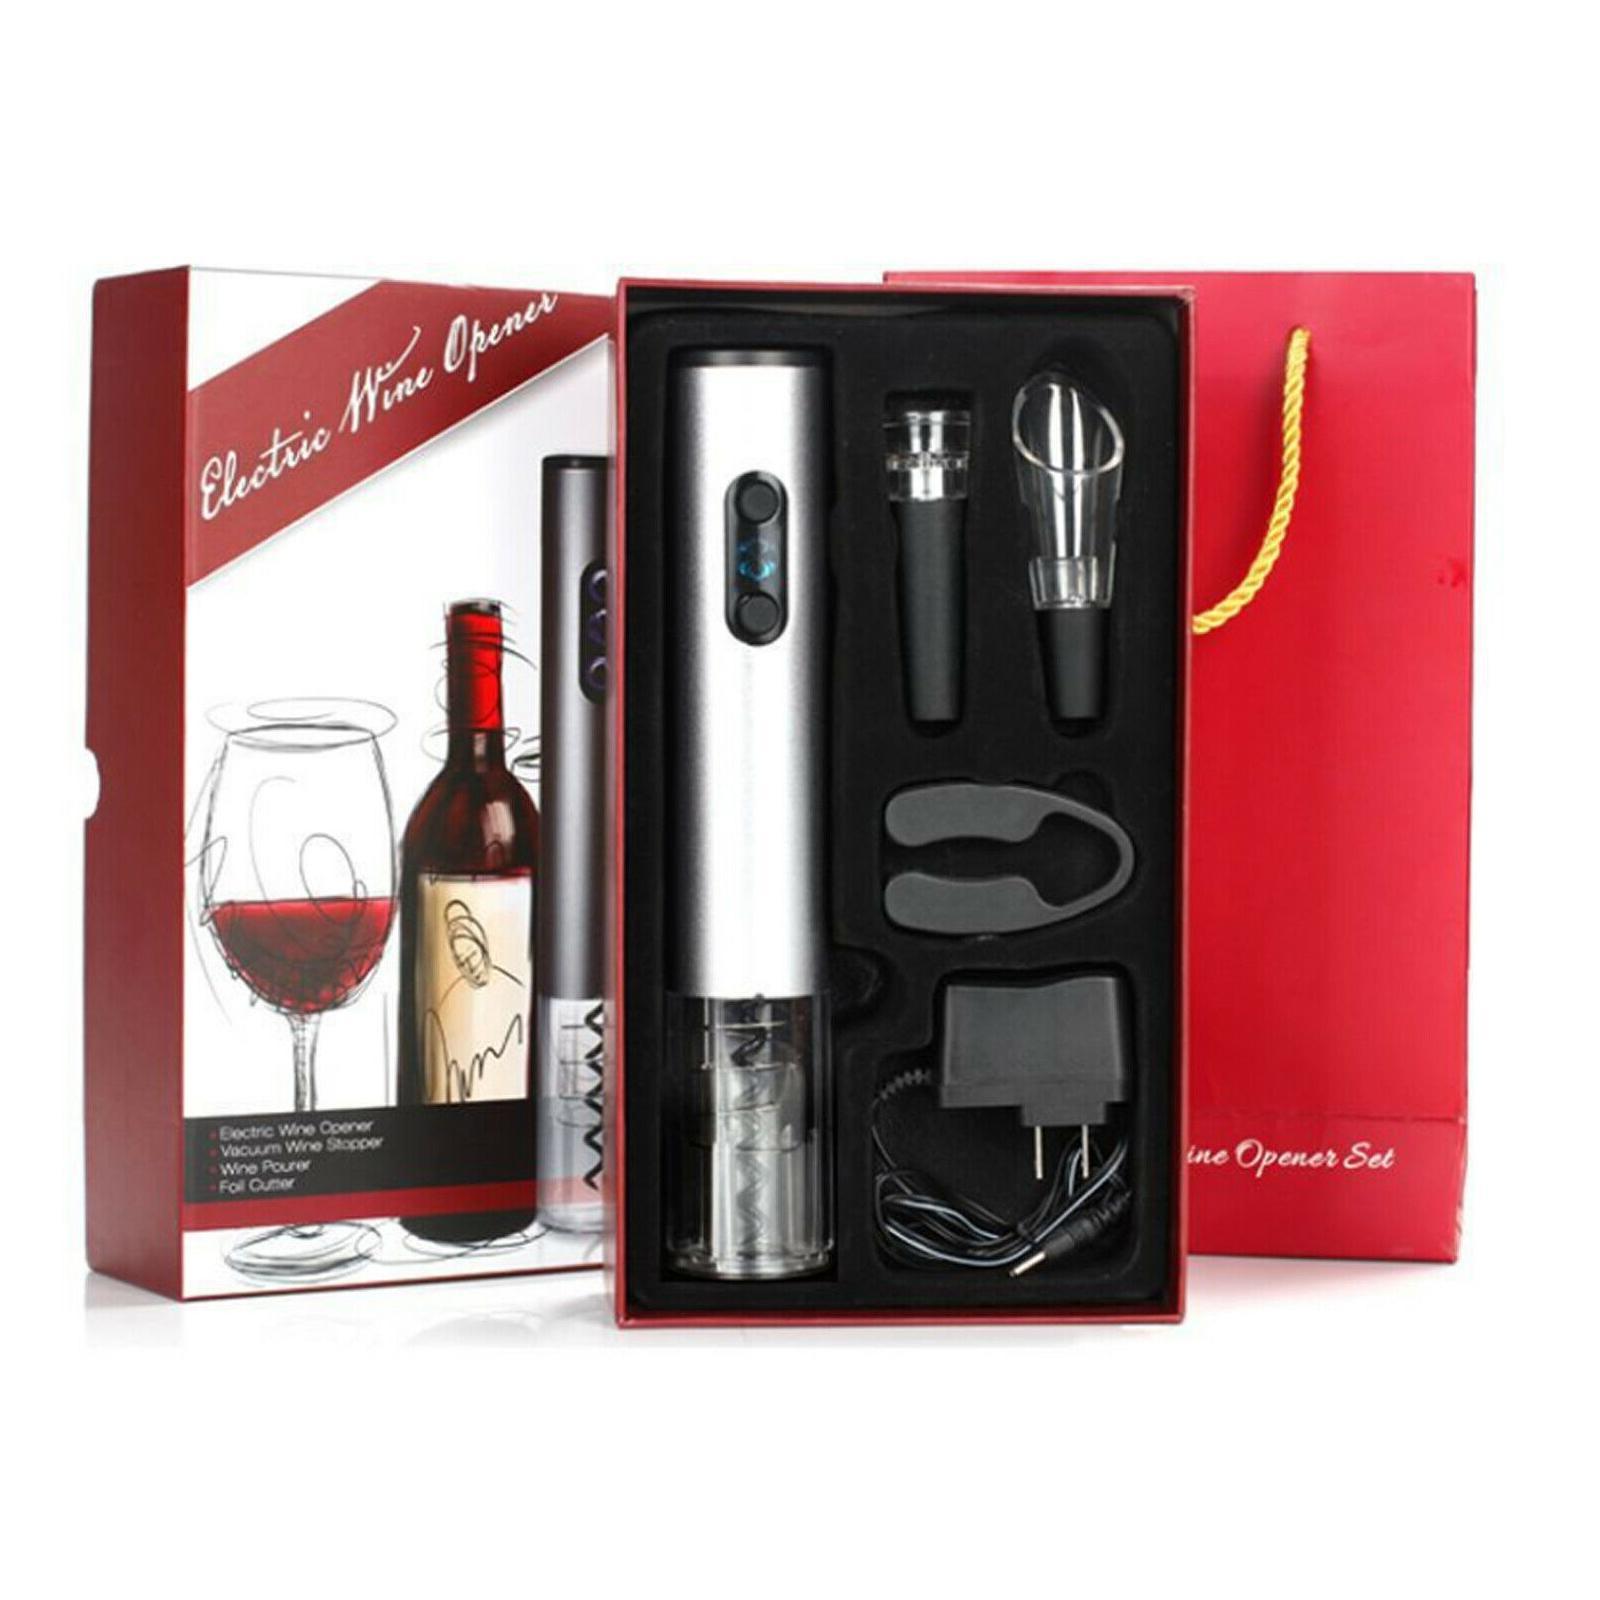 Bottiglia US elettrica libera di trasporto Wine Opener Cordless Opener Kit Cavatappi w / Foil Cutter, Stopper